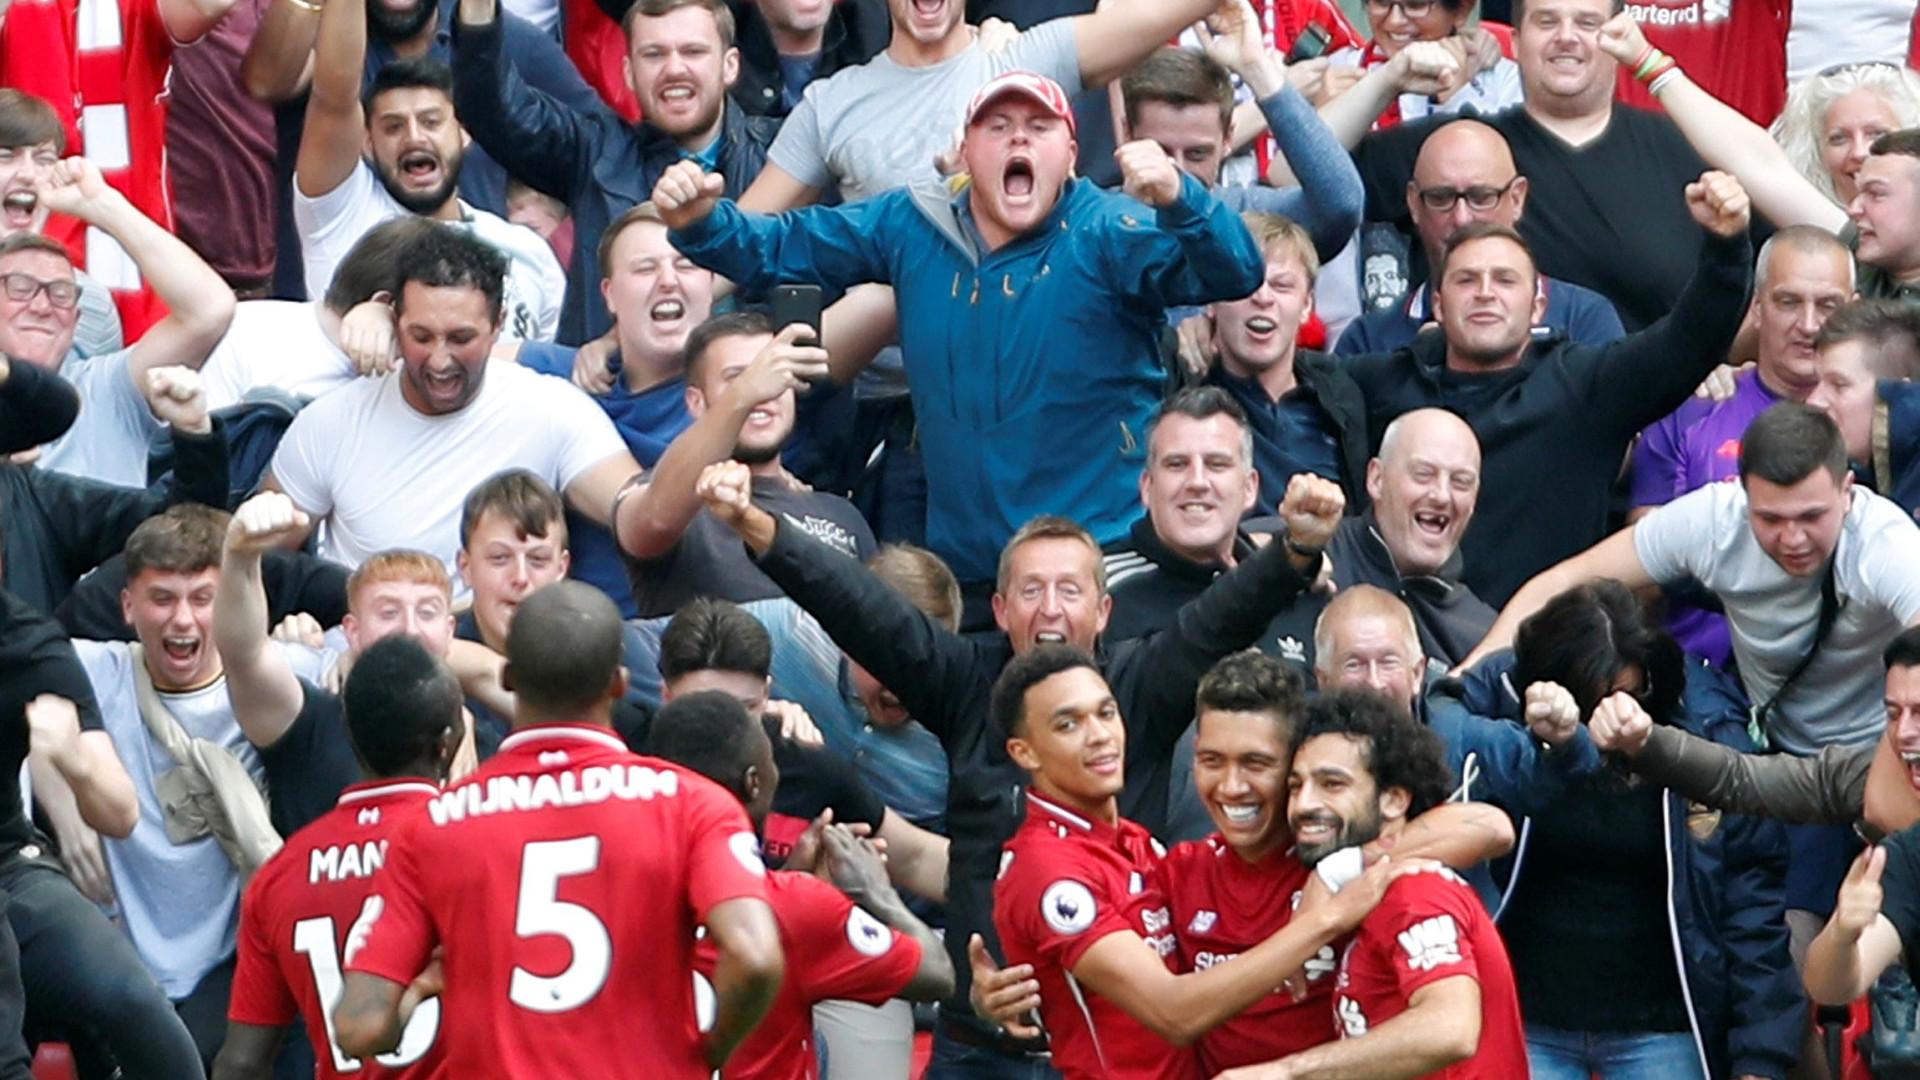 Liverpool vence Tottenham, continua imparável e não larga a liderança